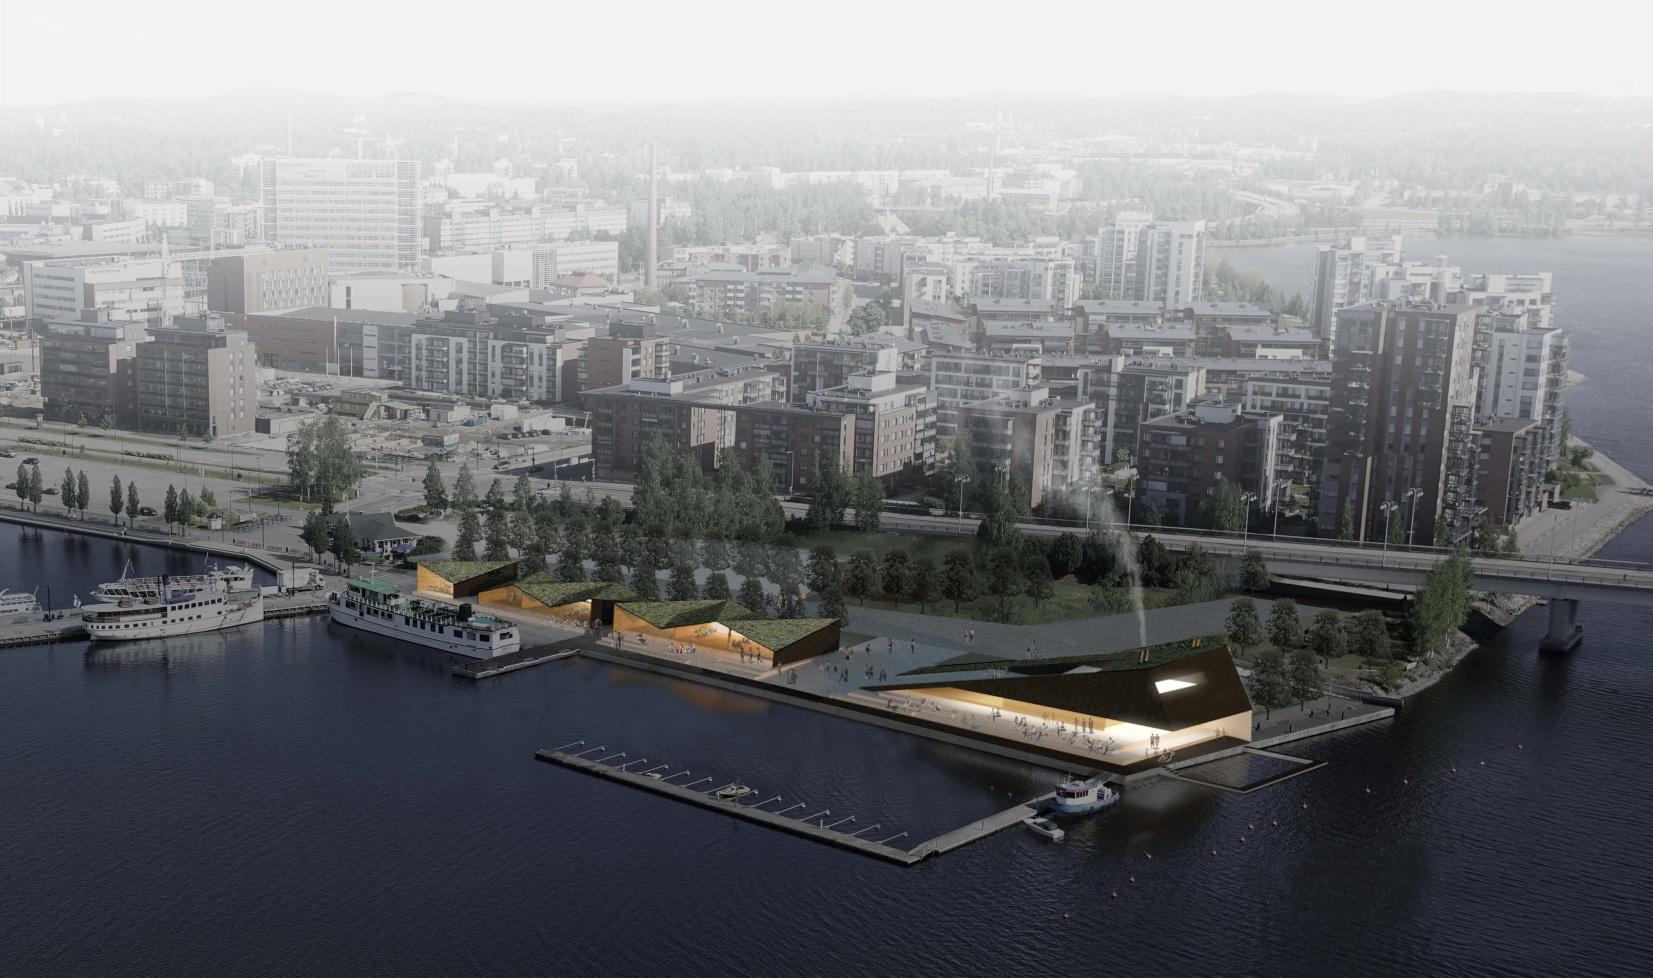 Jyväskylän kaupunki ja Osuuskauppa Keskimaa yhteistyösopimukseen Satamankärjen sauna-ravintolasta